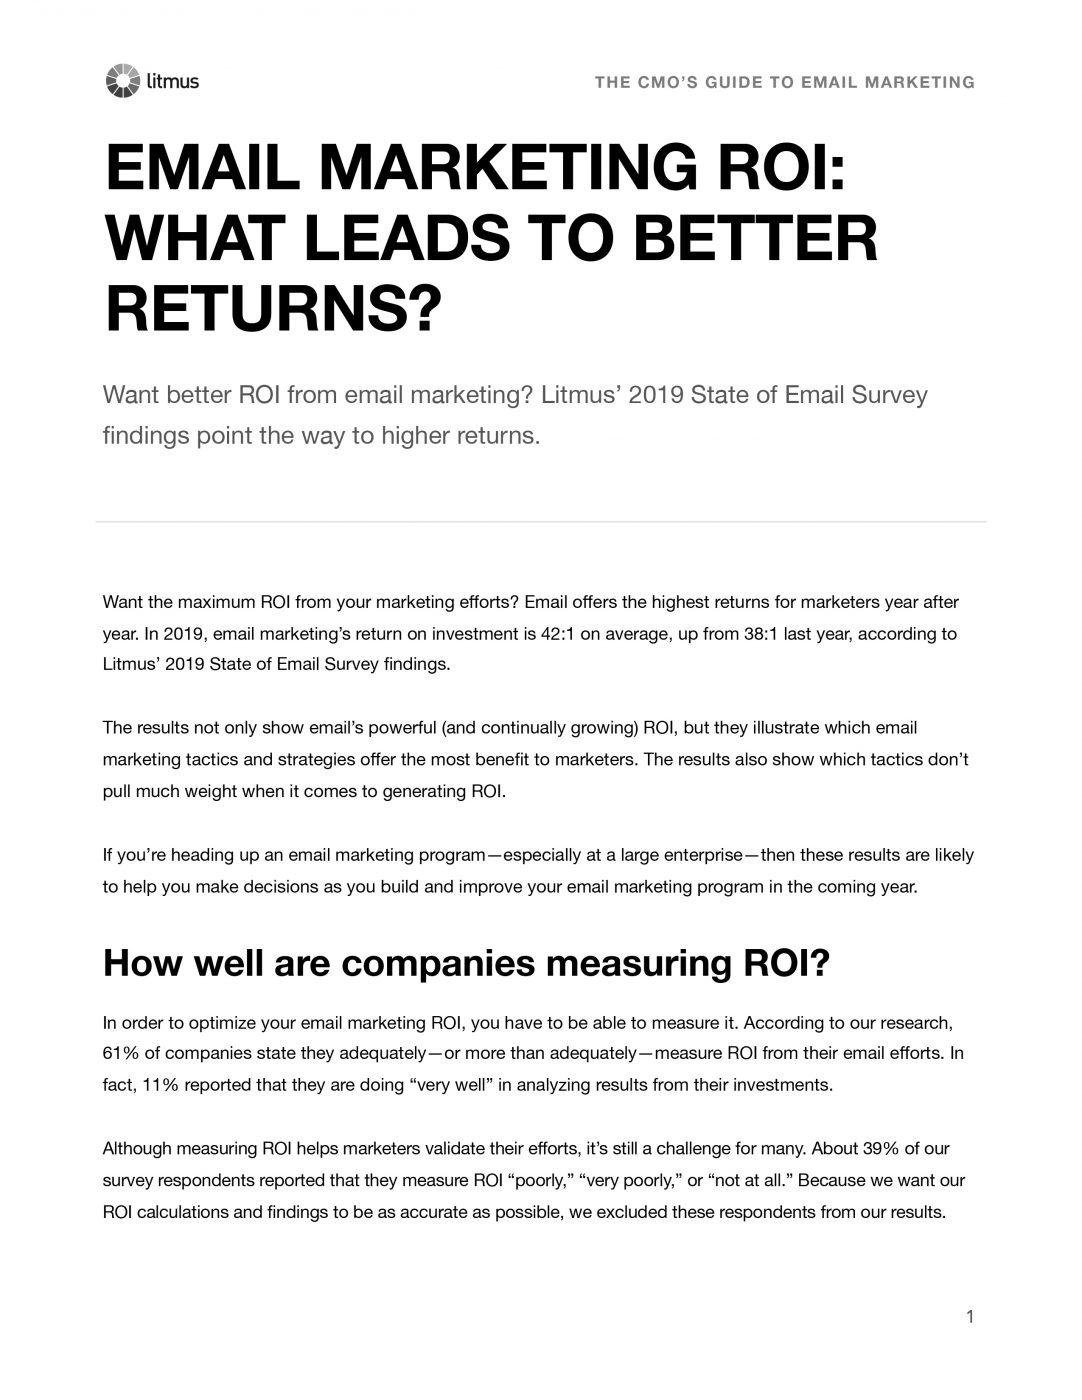 外贸开发信电子书:什么可以让电子邮件营销的回报率变得更高?